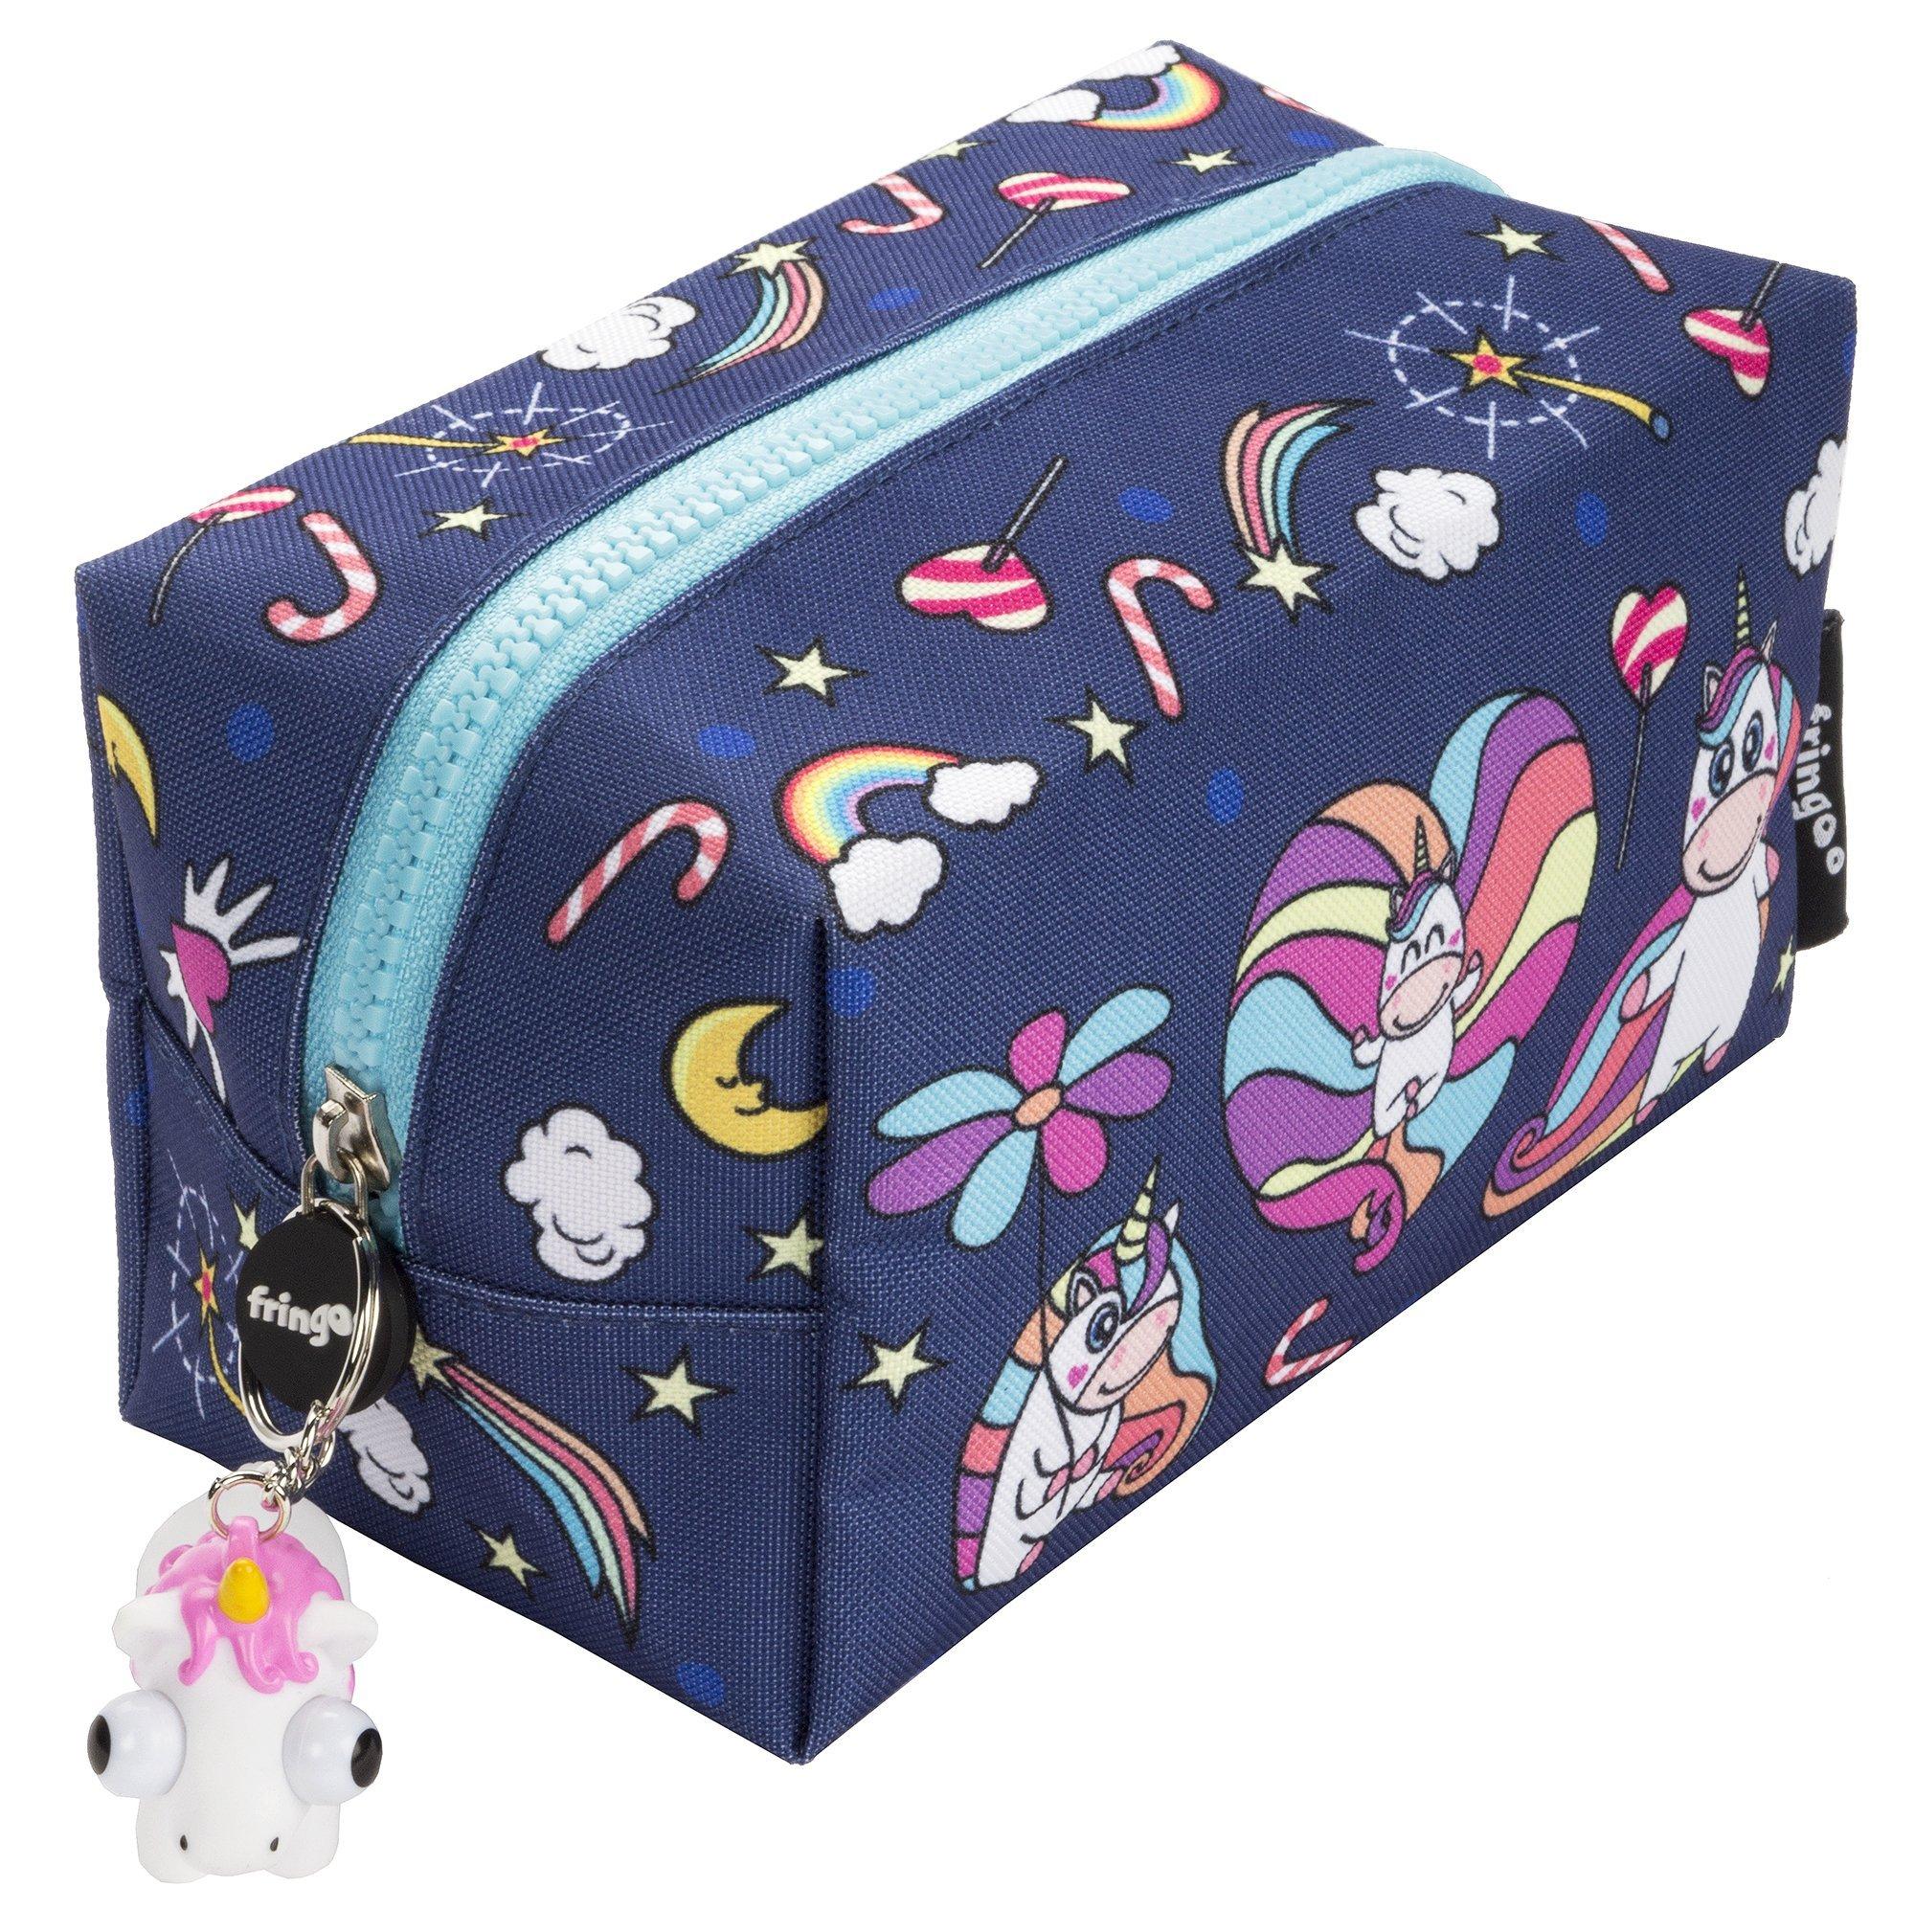 Estuche grande cuadrado para lápices con cierre de cremallera de Fringoo® , color Believe In Unicorns Large